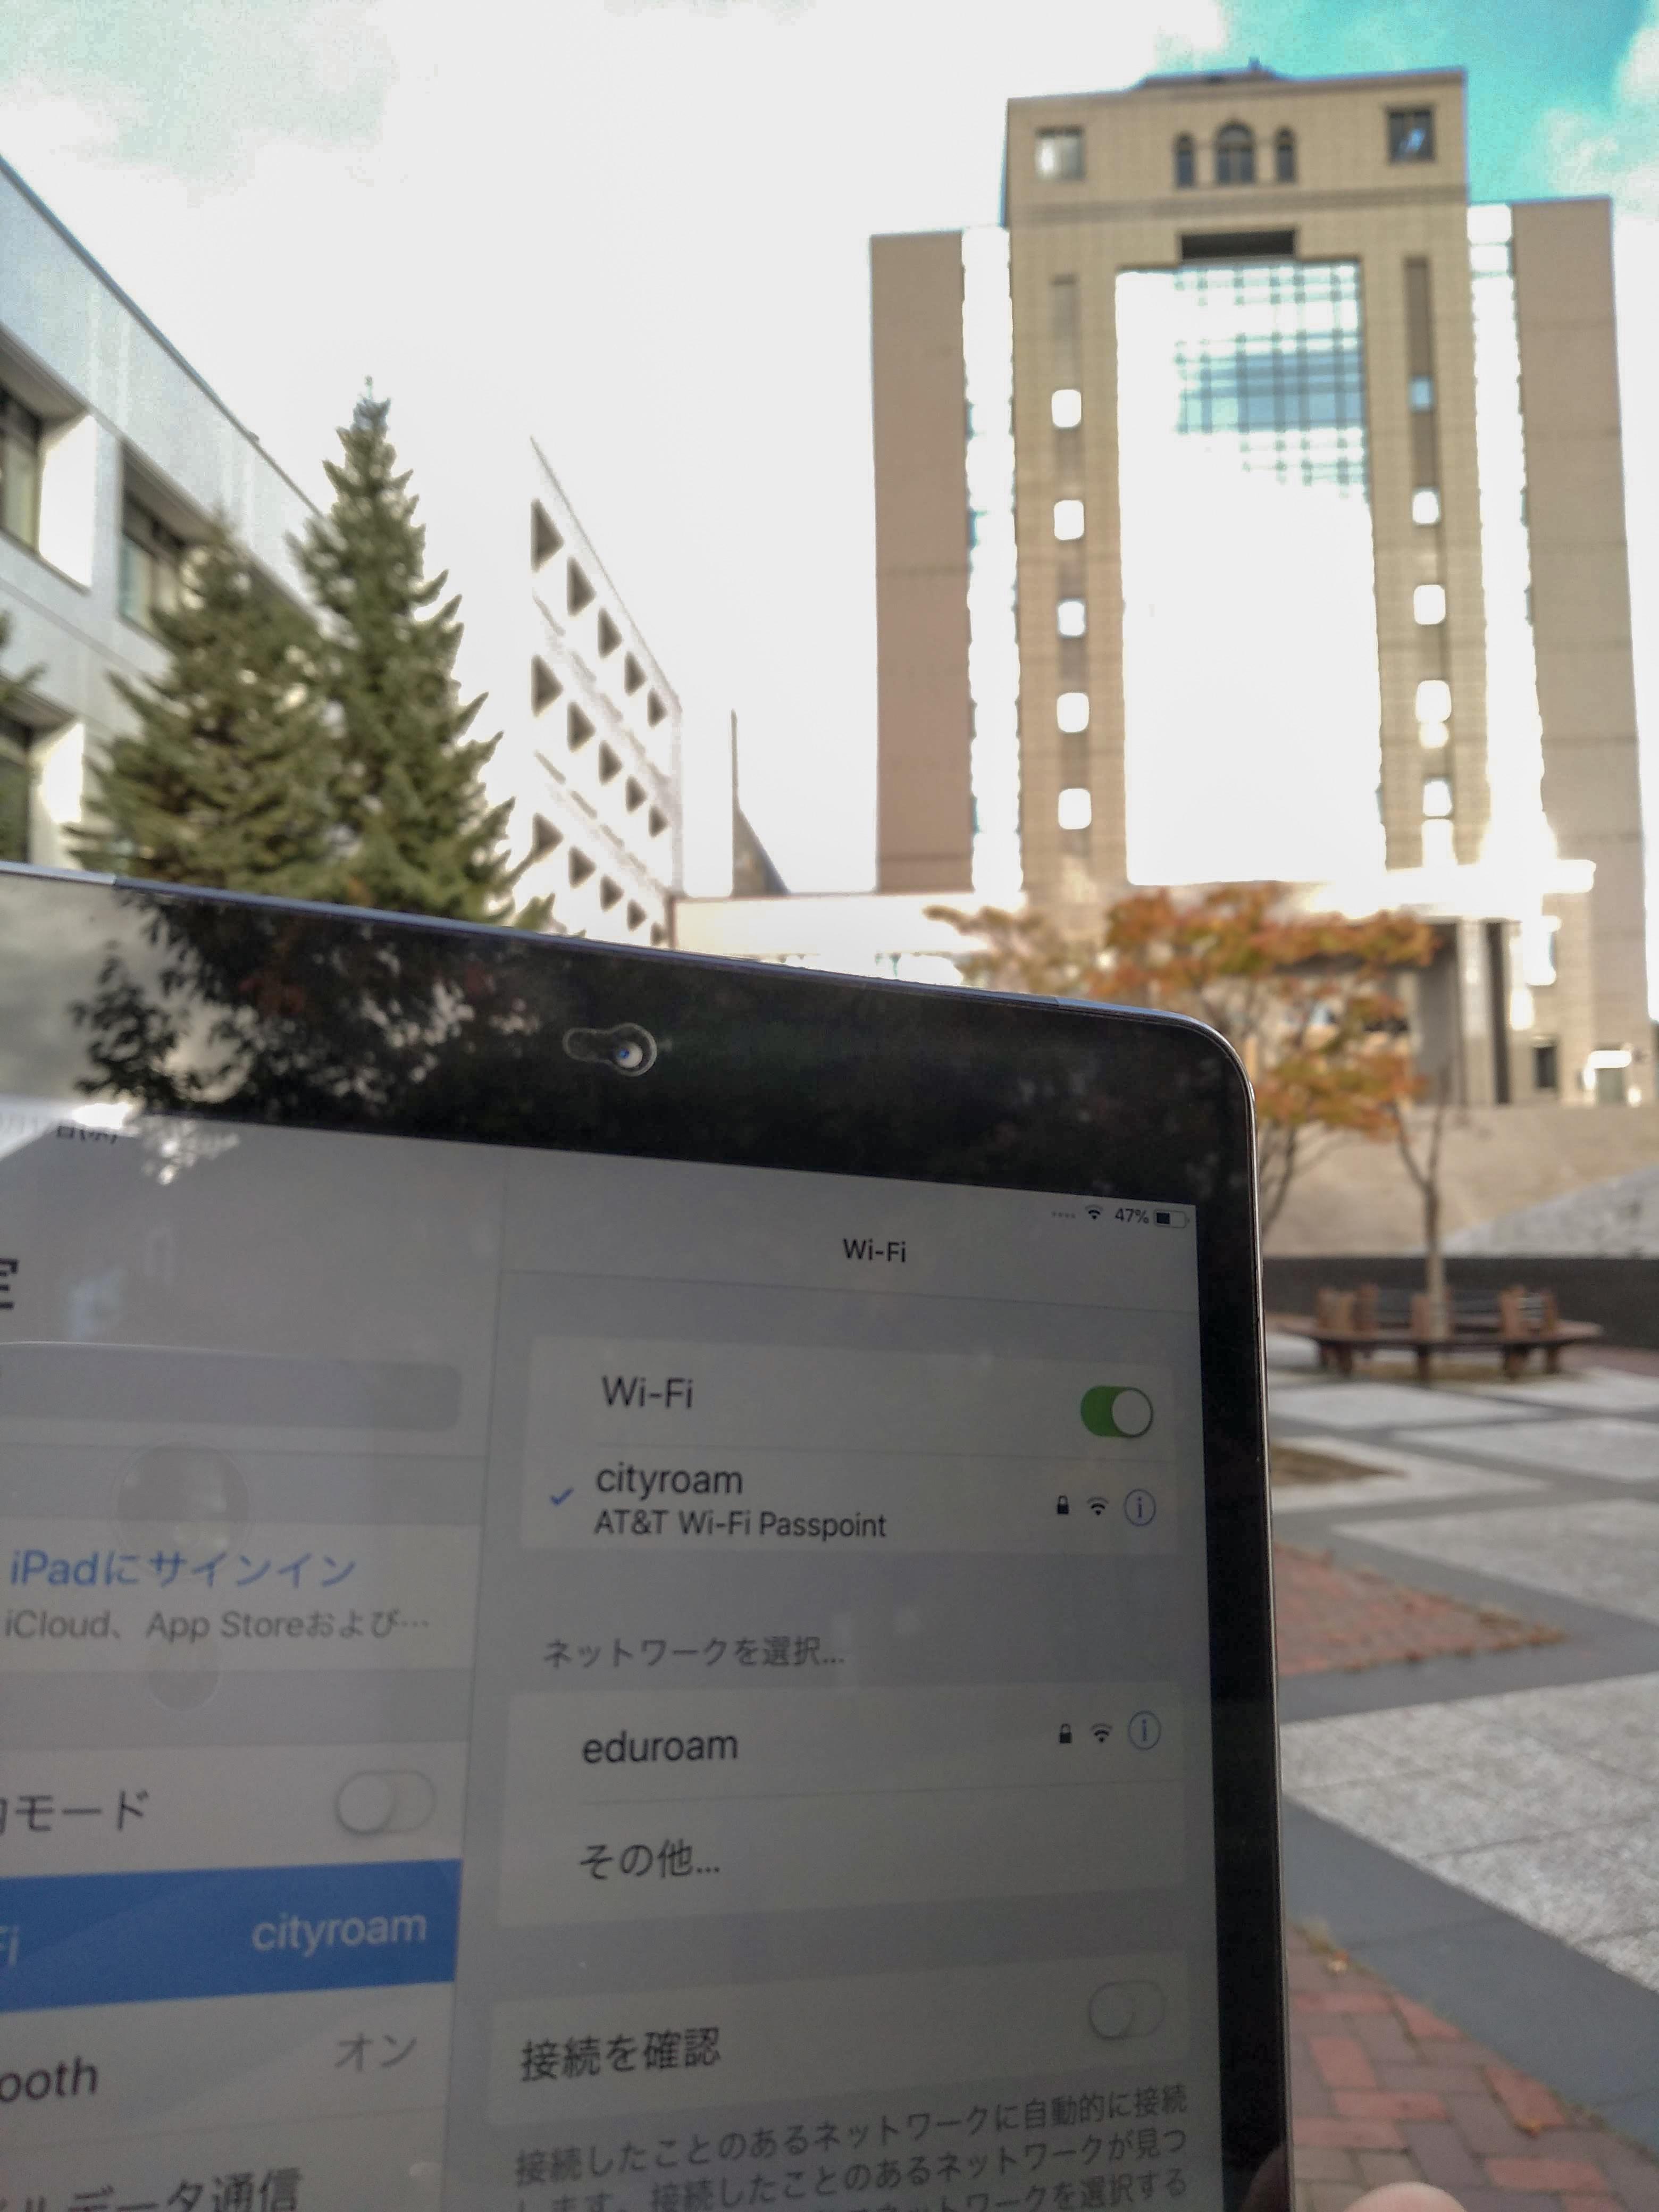 【札幌学院大学】キャンパスと市街地の無線LANの相互接続実証実験を開始~地域住民も利用可能な仕組み構築に向けて~